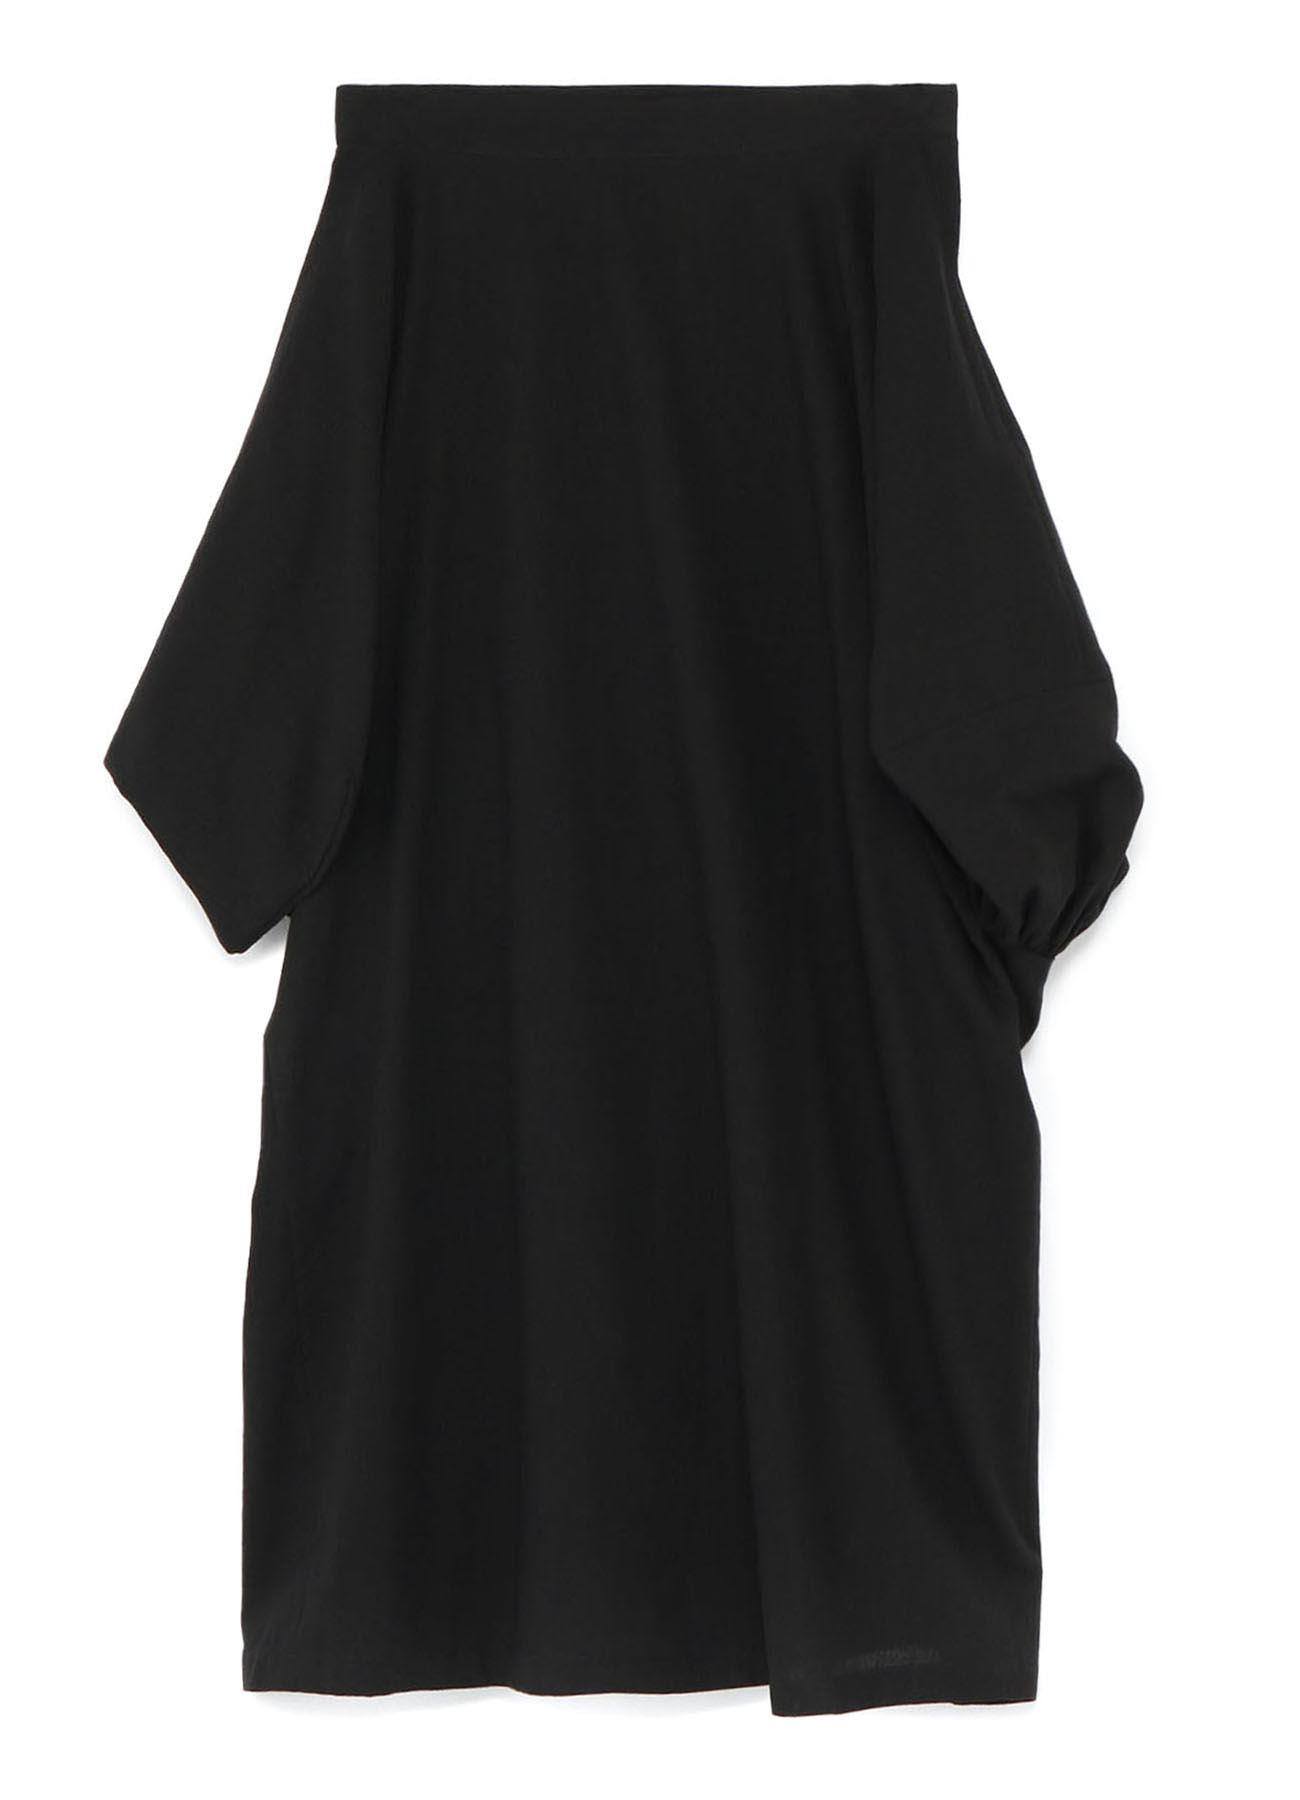 C/Li Calico A Design Skirt